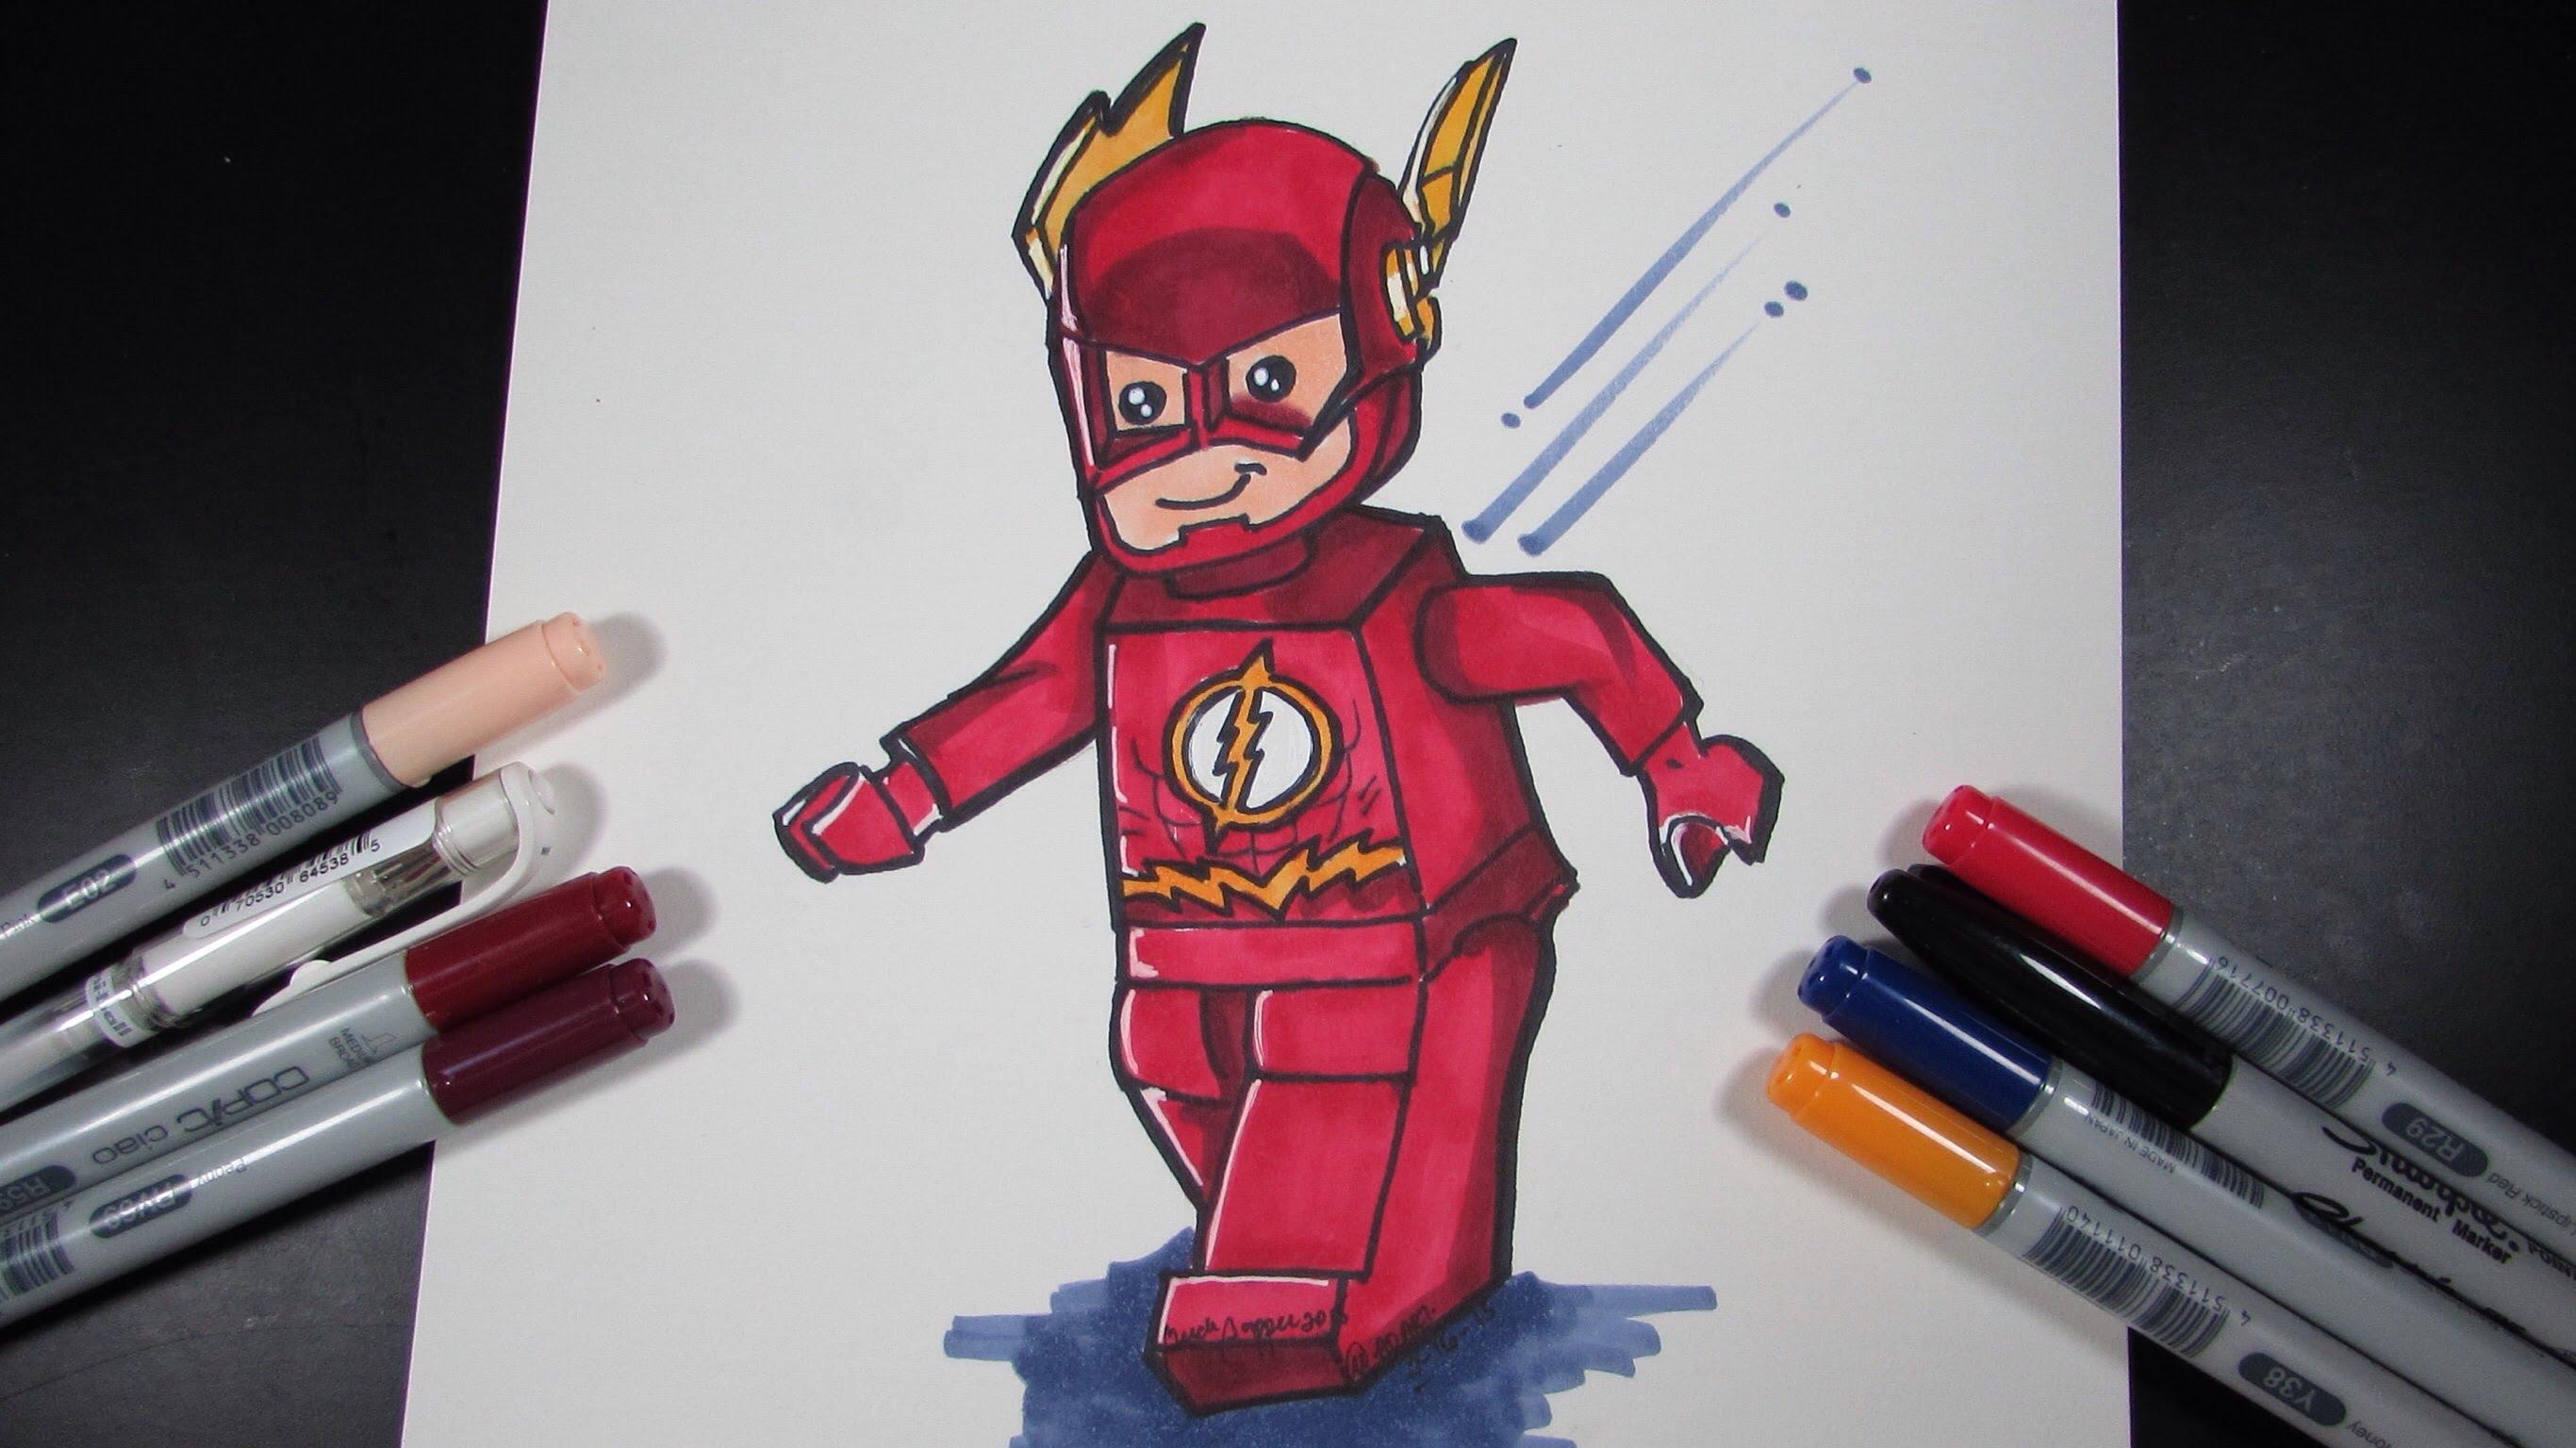 Drawn robin flash Lego Superheroes YouTube Draw Flash